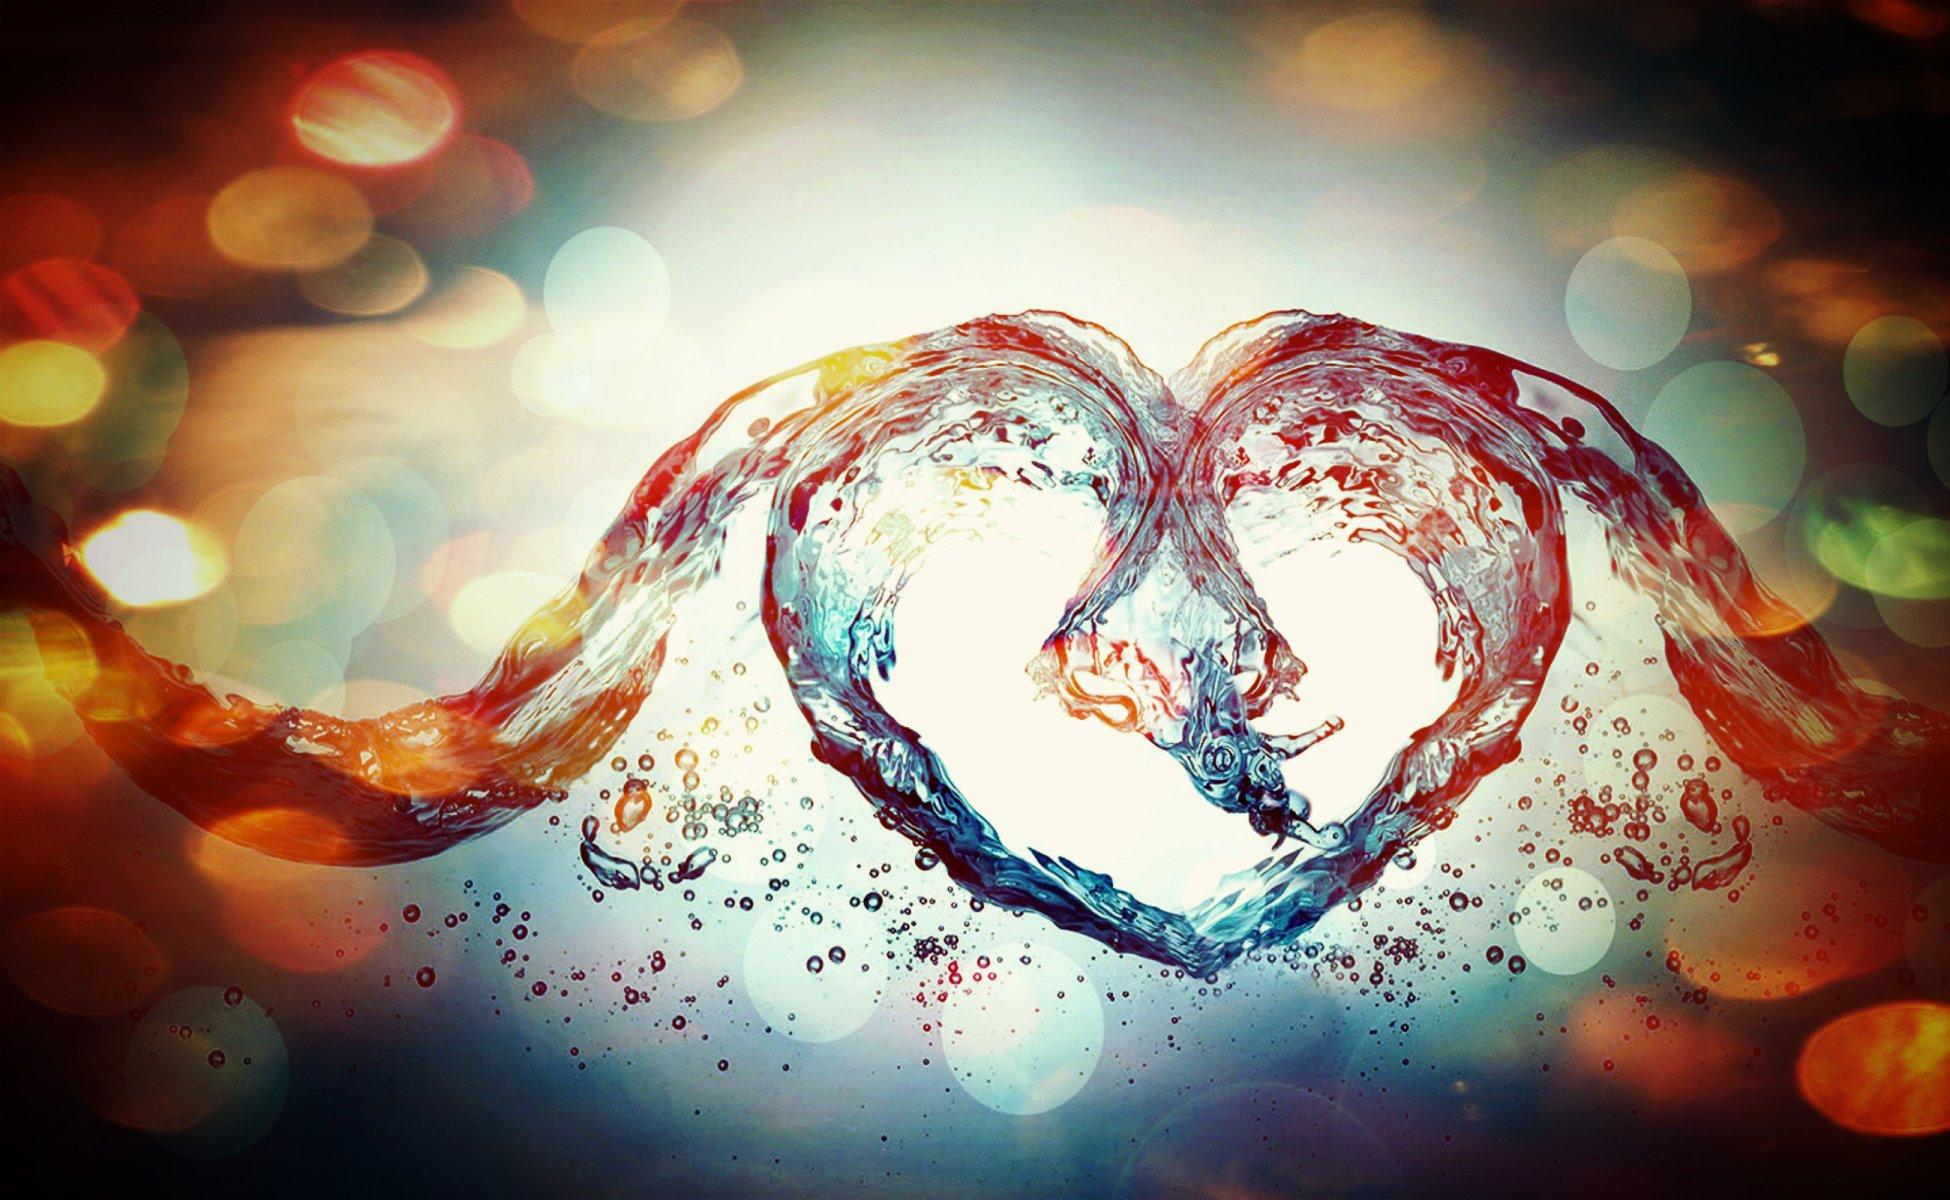 главные интересные на главный экран картинка о любви чи-ли это качественная